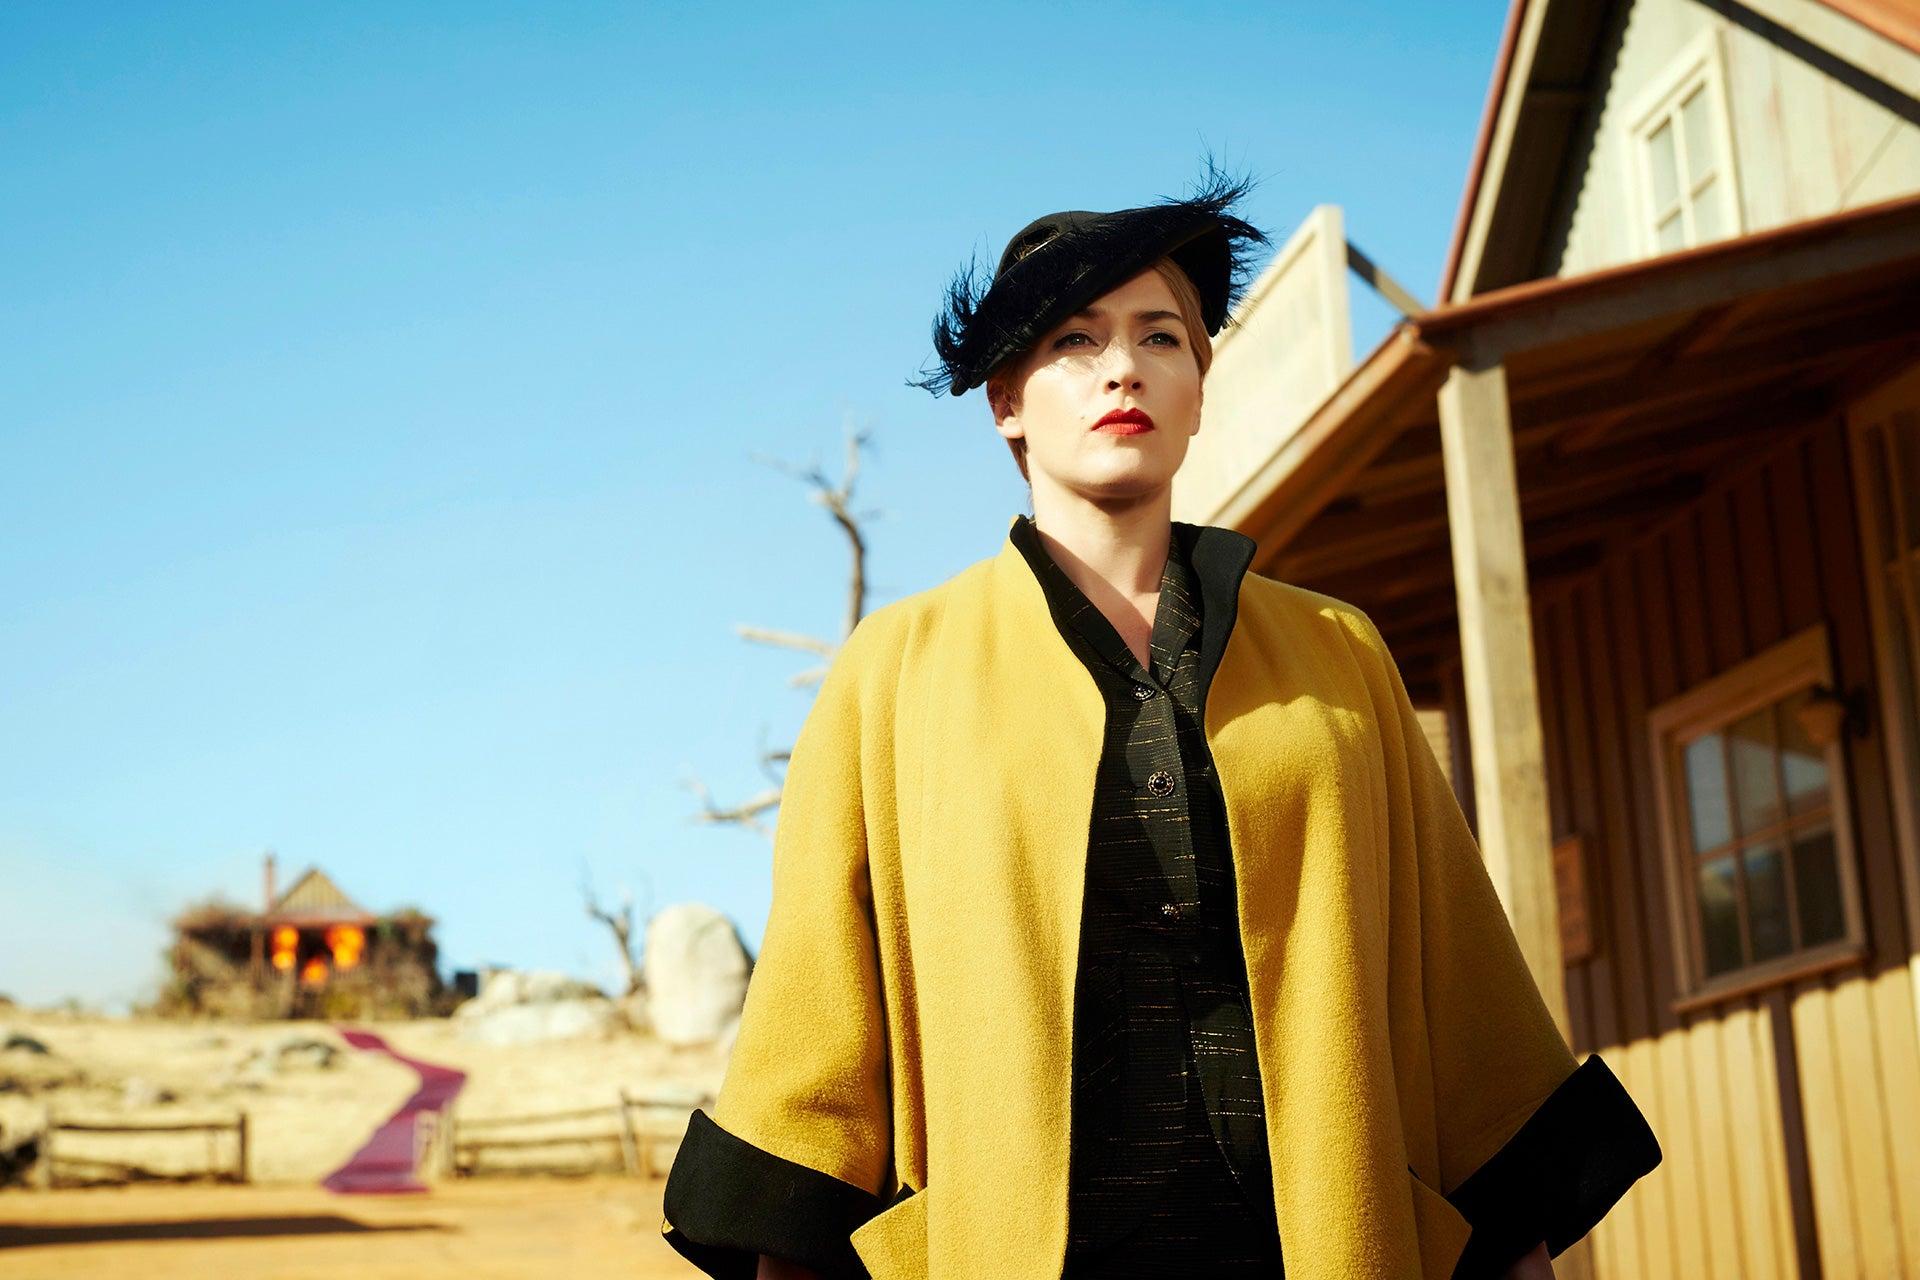 Švadlena (The Dressmaker/2015): V australském filmu Jocelyn Moorhouse z roku 2015 hraje úžasná Kate Winslet roli švadleny Tilly, která se poté, co žila a získala zkušenosti v Evropě, vrací do malého rodného města v Austrálii. Tilliny motivy však nejsou zcela nevinné, vede ji vzpomínka na sousedy, kteří zničili její dětství. Film, kde nechybí decentní dávka humoru, je obrazem společnosti plné pomluv a skryté zášti. Tip Vogue CS: Film vznikl na motivy stejnojmenné knihy, která určitě stojí za přečtení. Zatímco ve filmu vynikají nádherné róby, kniha detailně vykresluje pohnutky všech postav. Bude se vám tajit dech. Autor: TCD/Prod.DB/Alamy Stock Photo